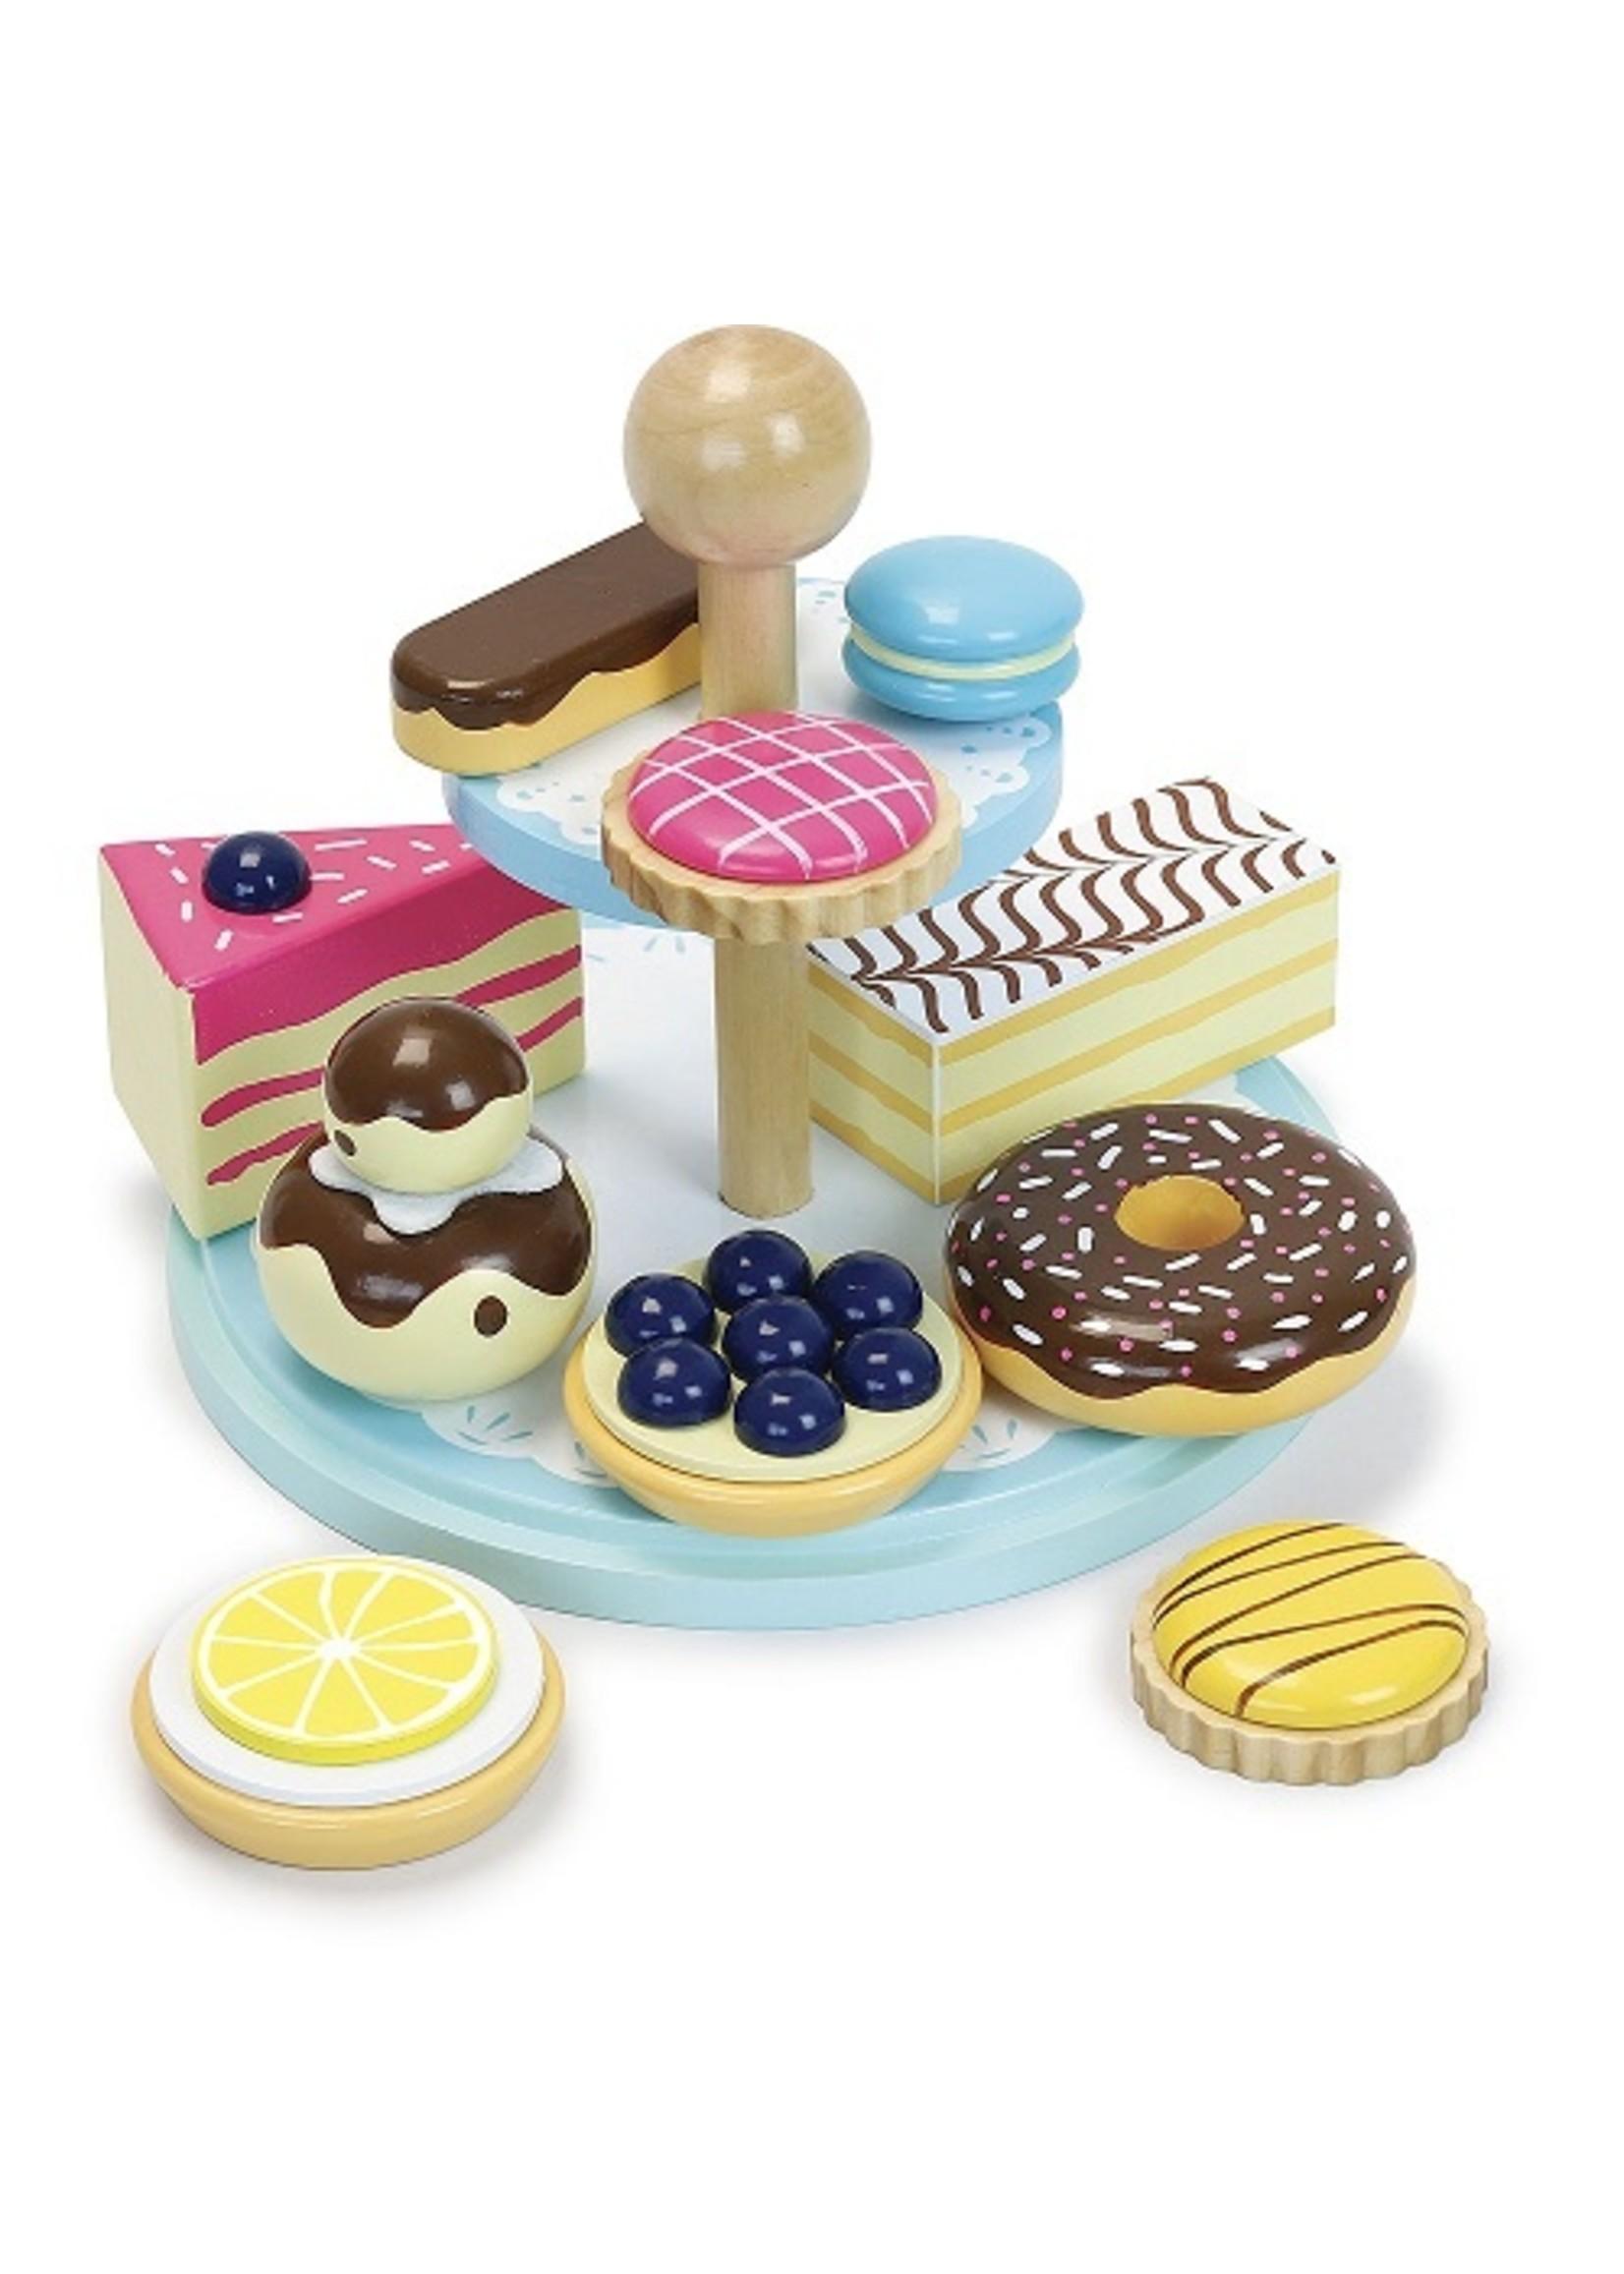 Vilac Ensemble de pâtisseries La ronde des desserts